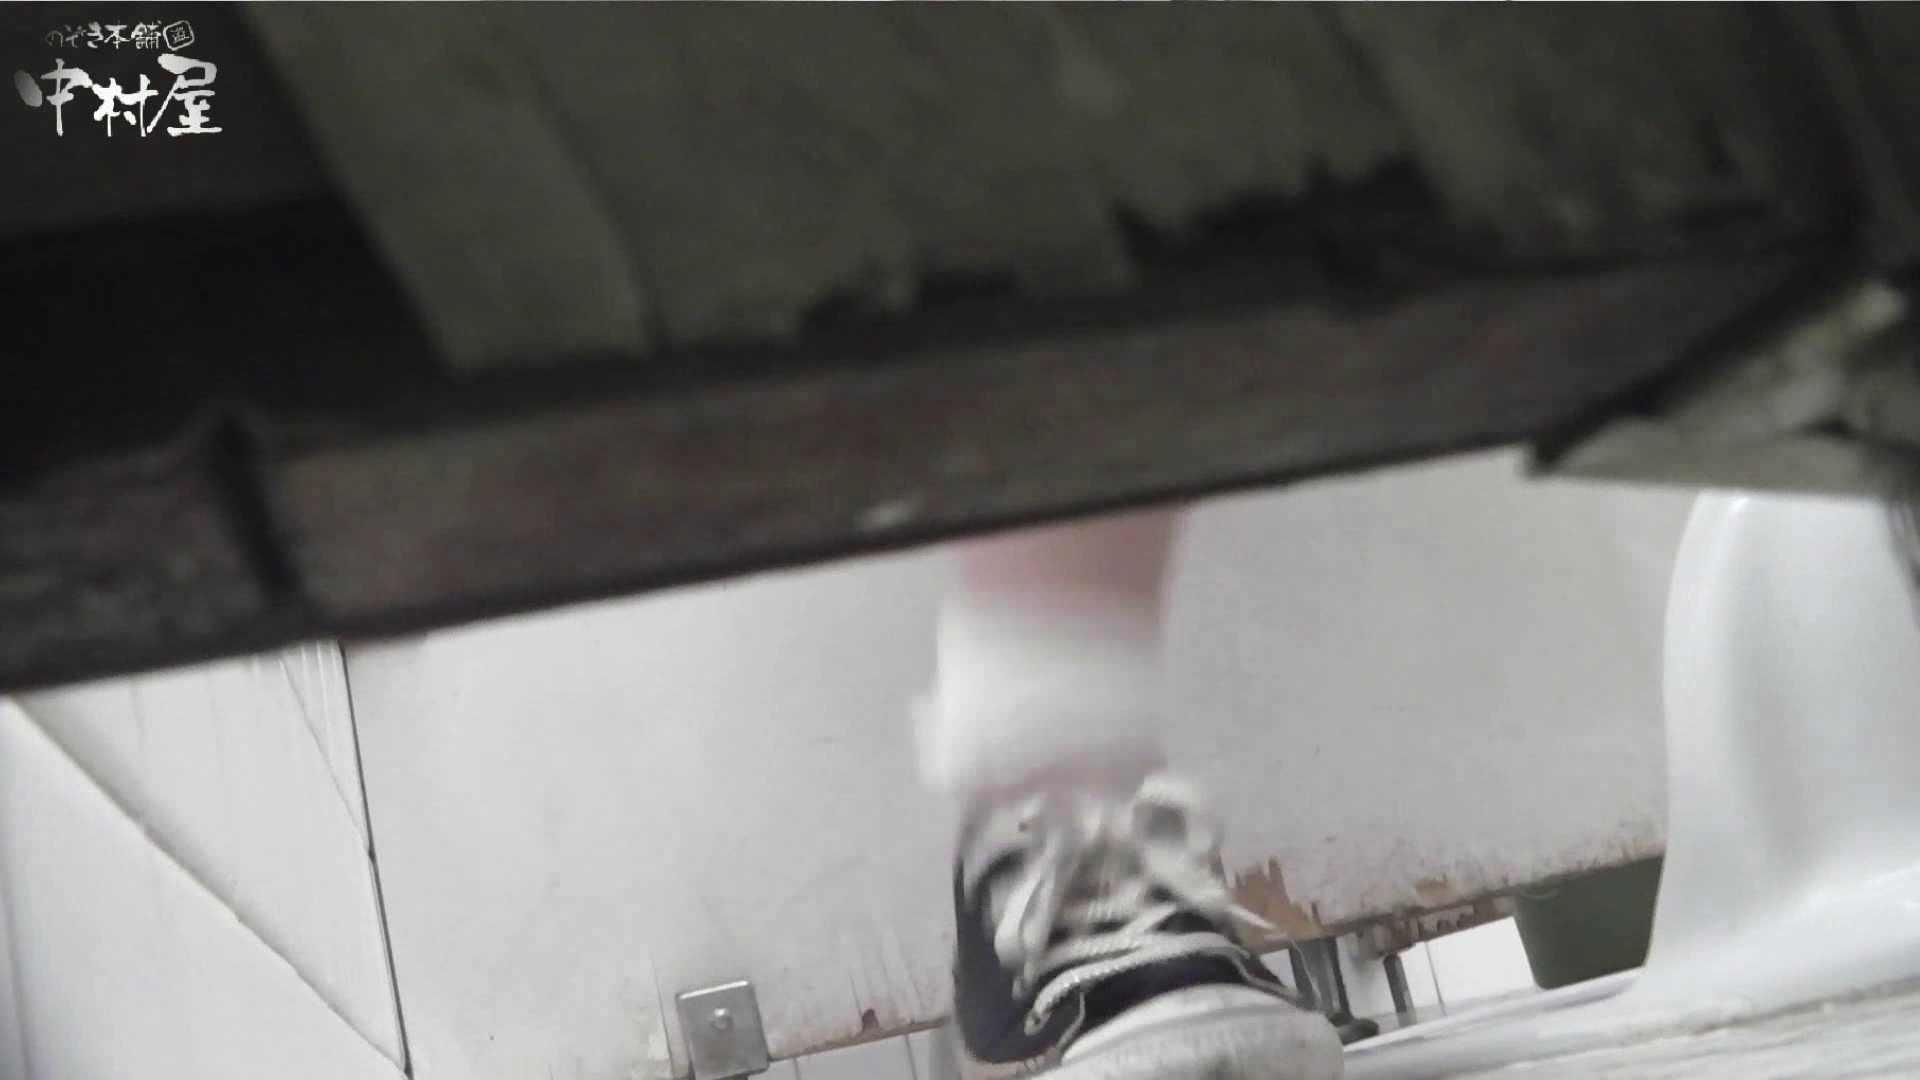 vol.55 命がけ潜伏洗面所! フンばりどころ 潜入 オメコ無修正動画無料 64枚 30